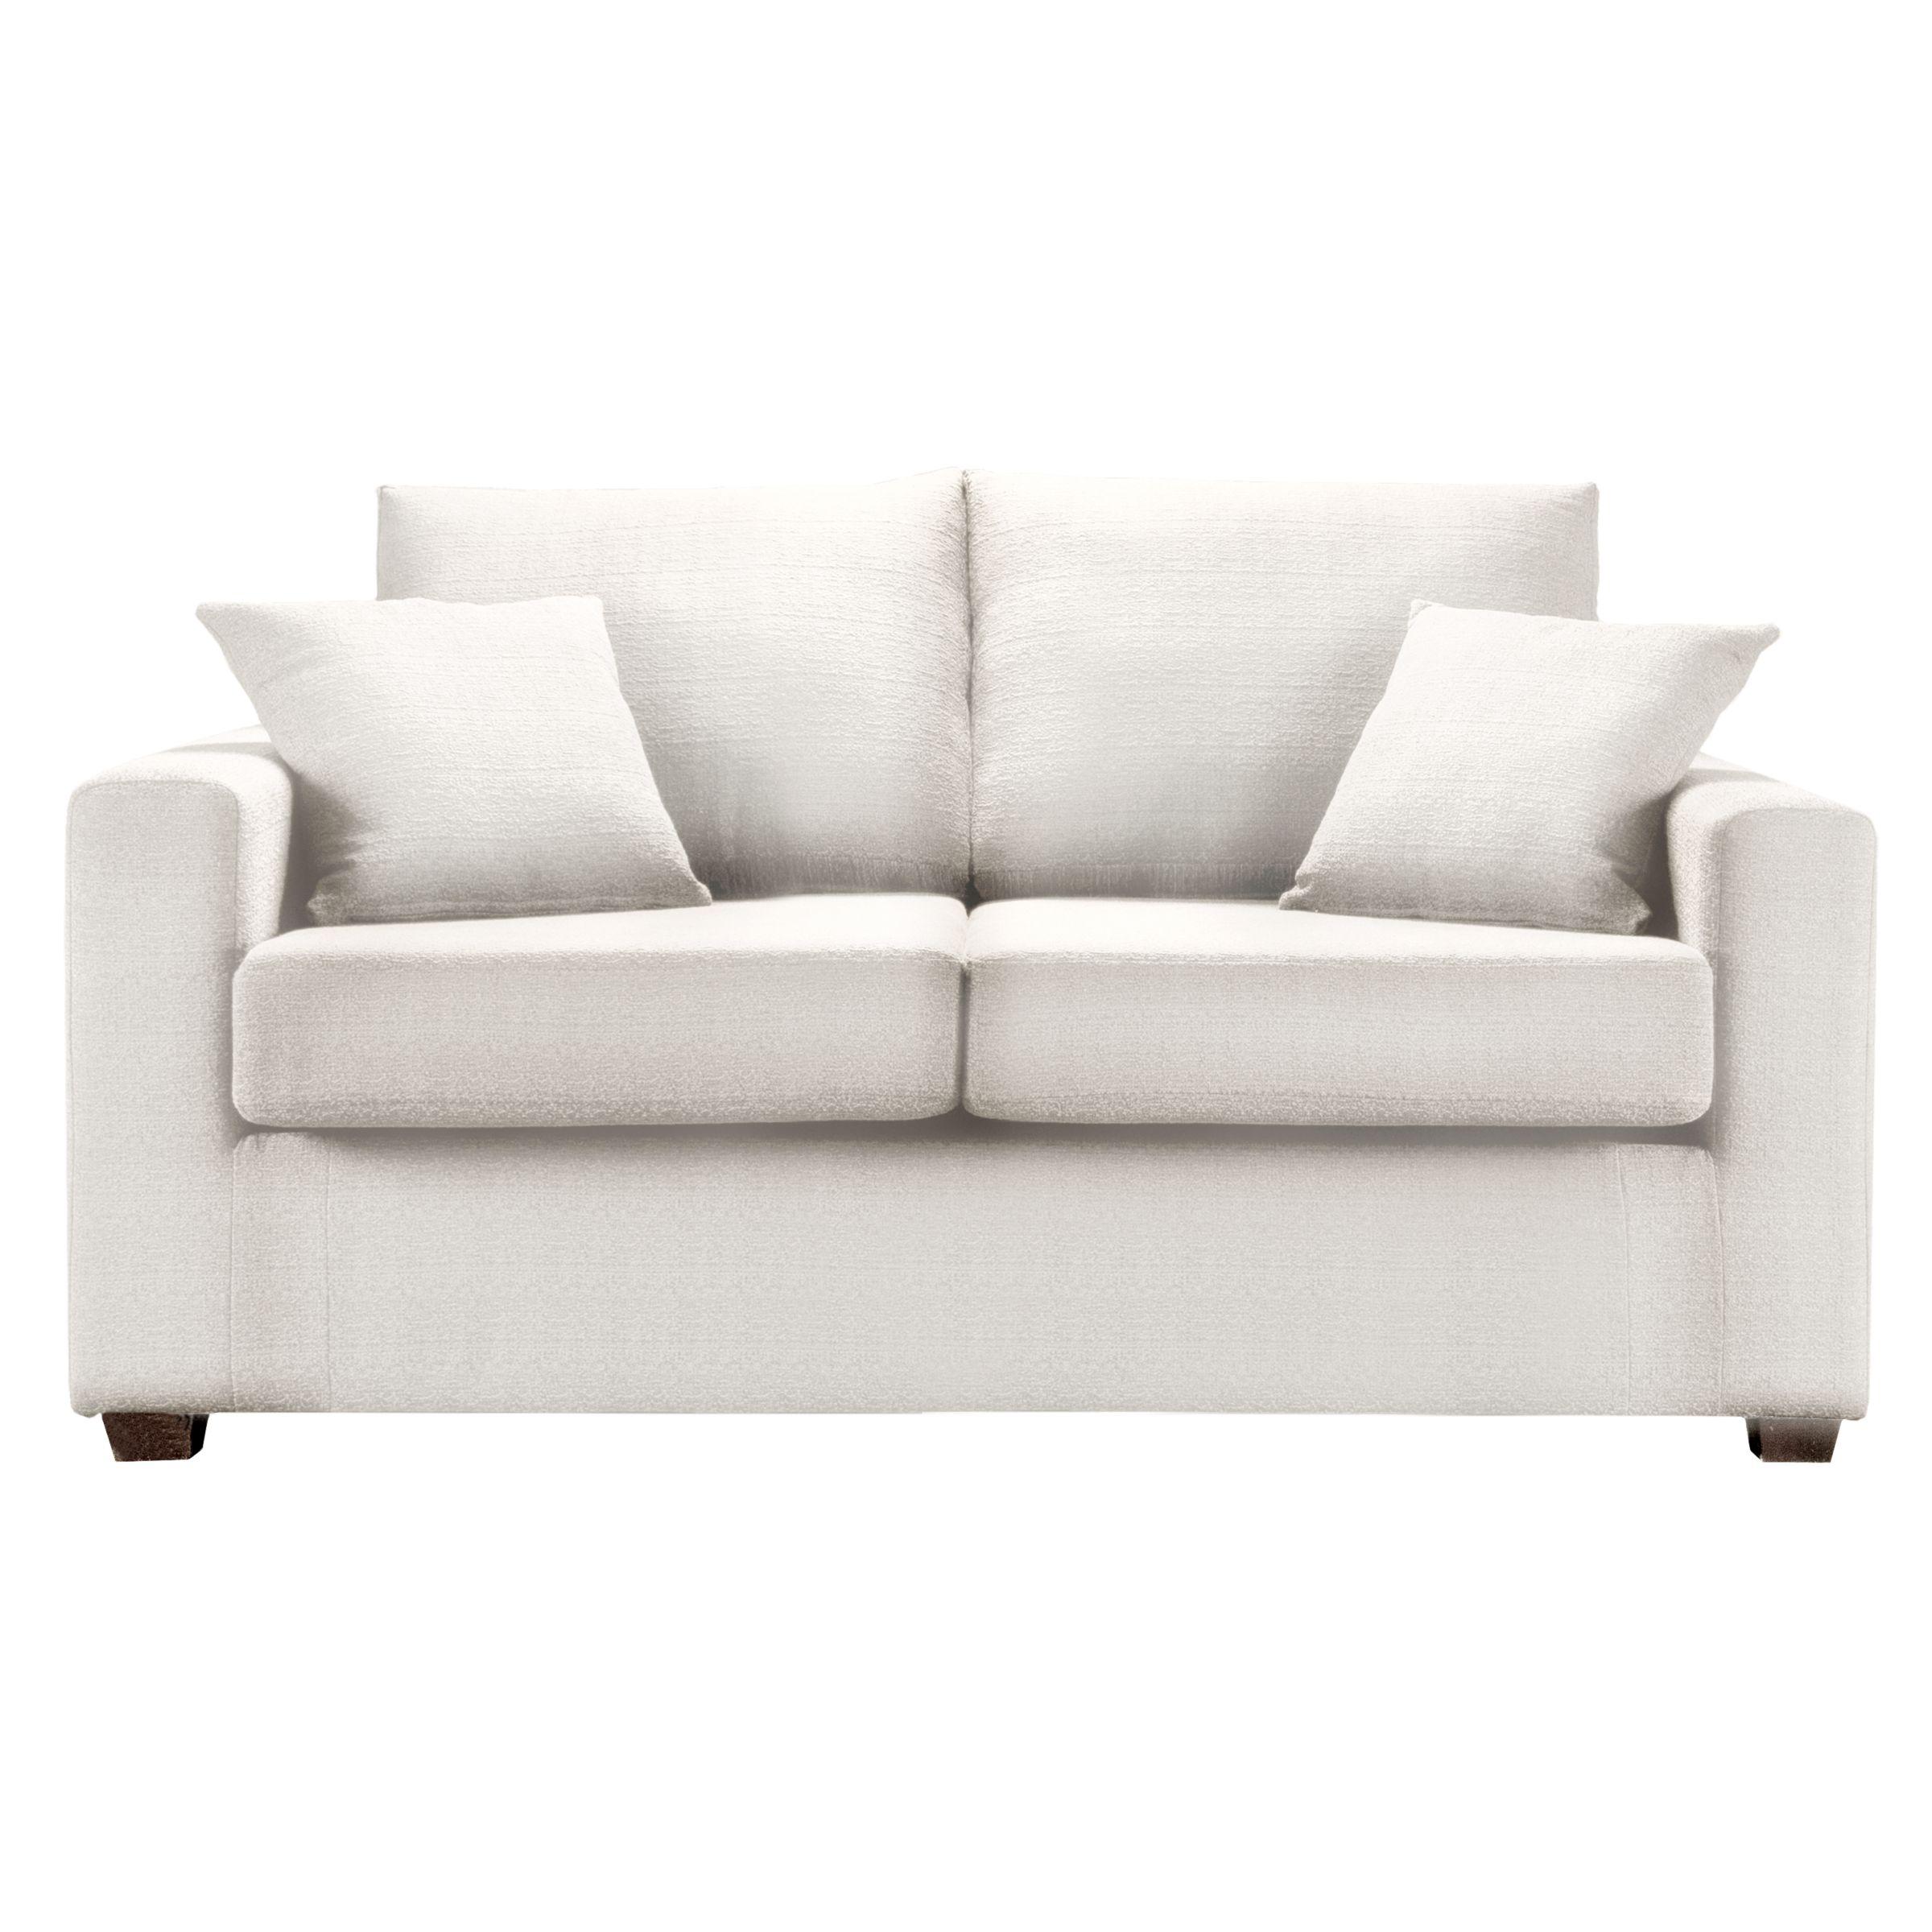 medium sofa bed uptown john lewis beds